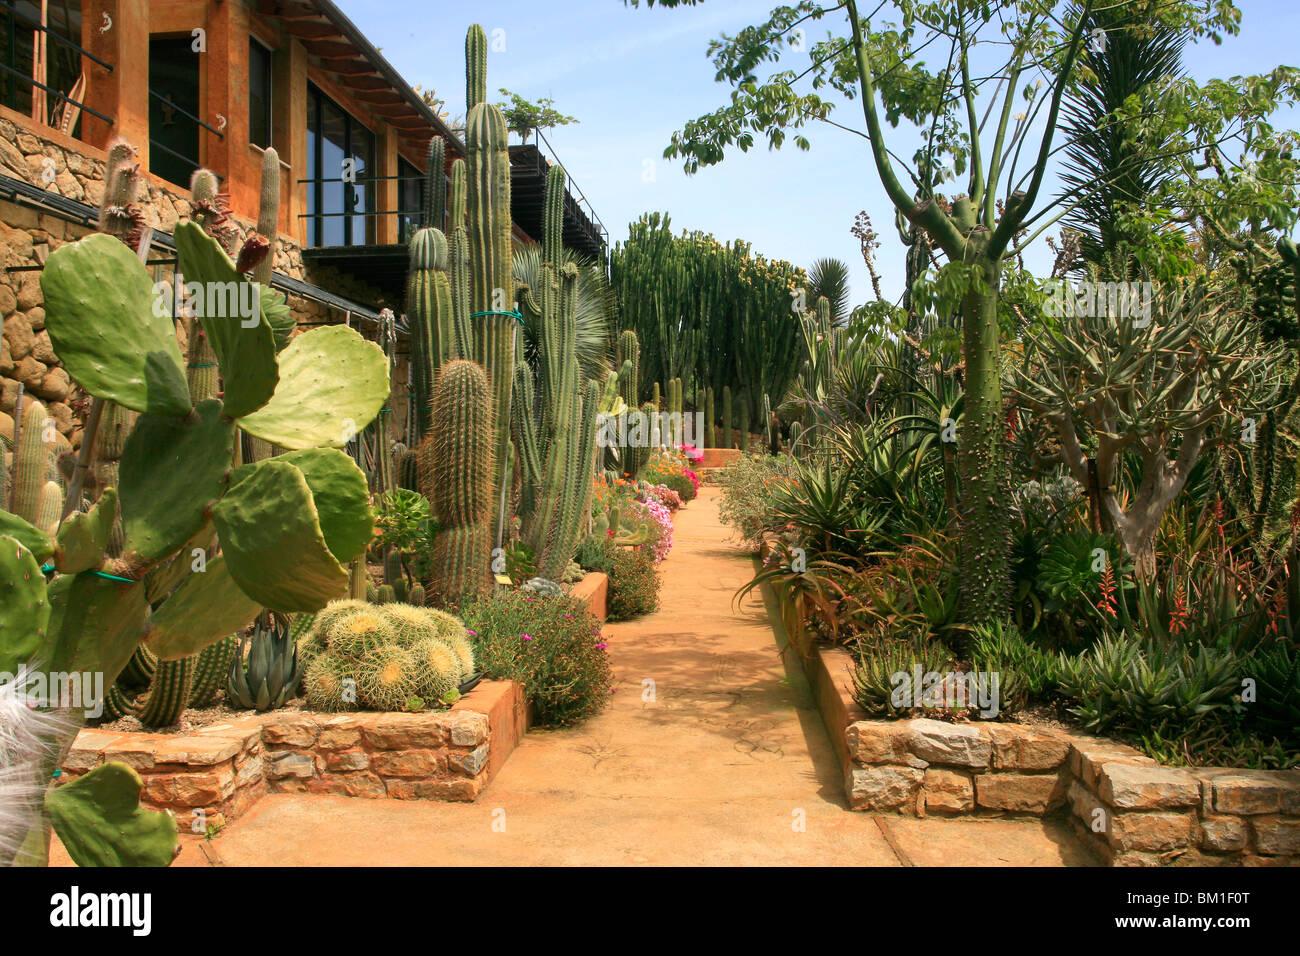 Cactus Garden Stock Photos & Cactus Garden Stock Images - Alamy